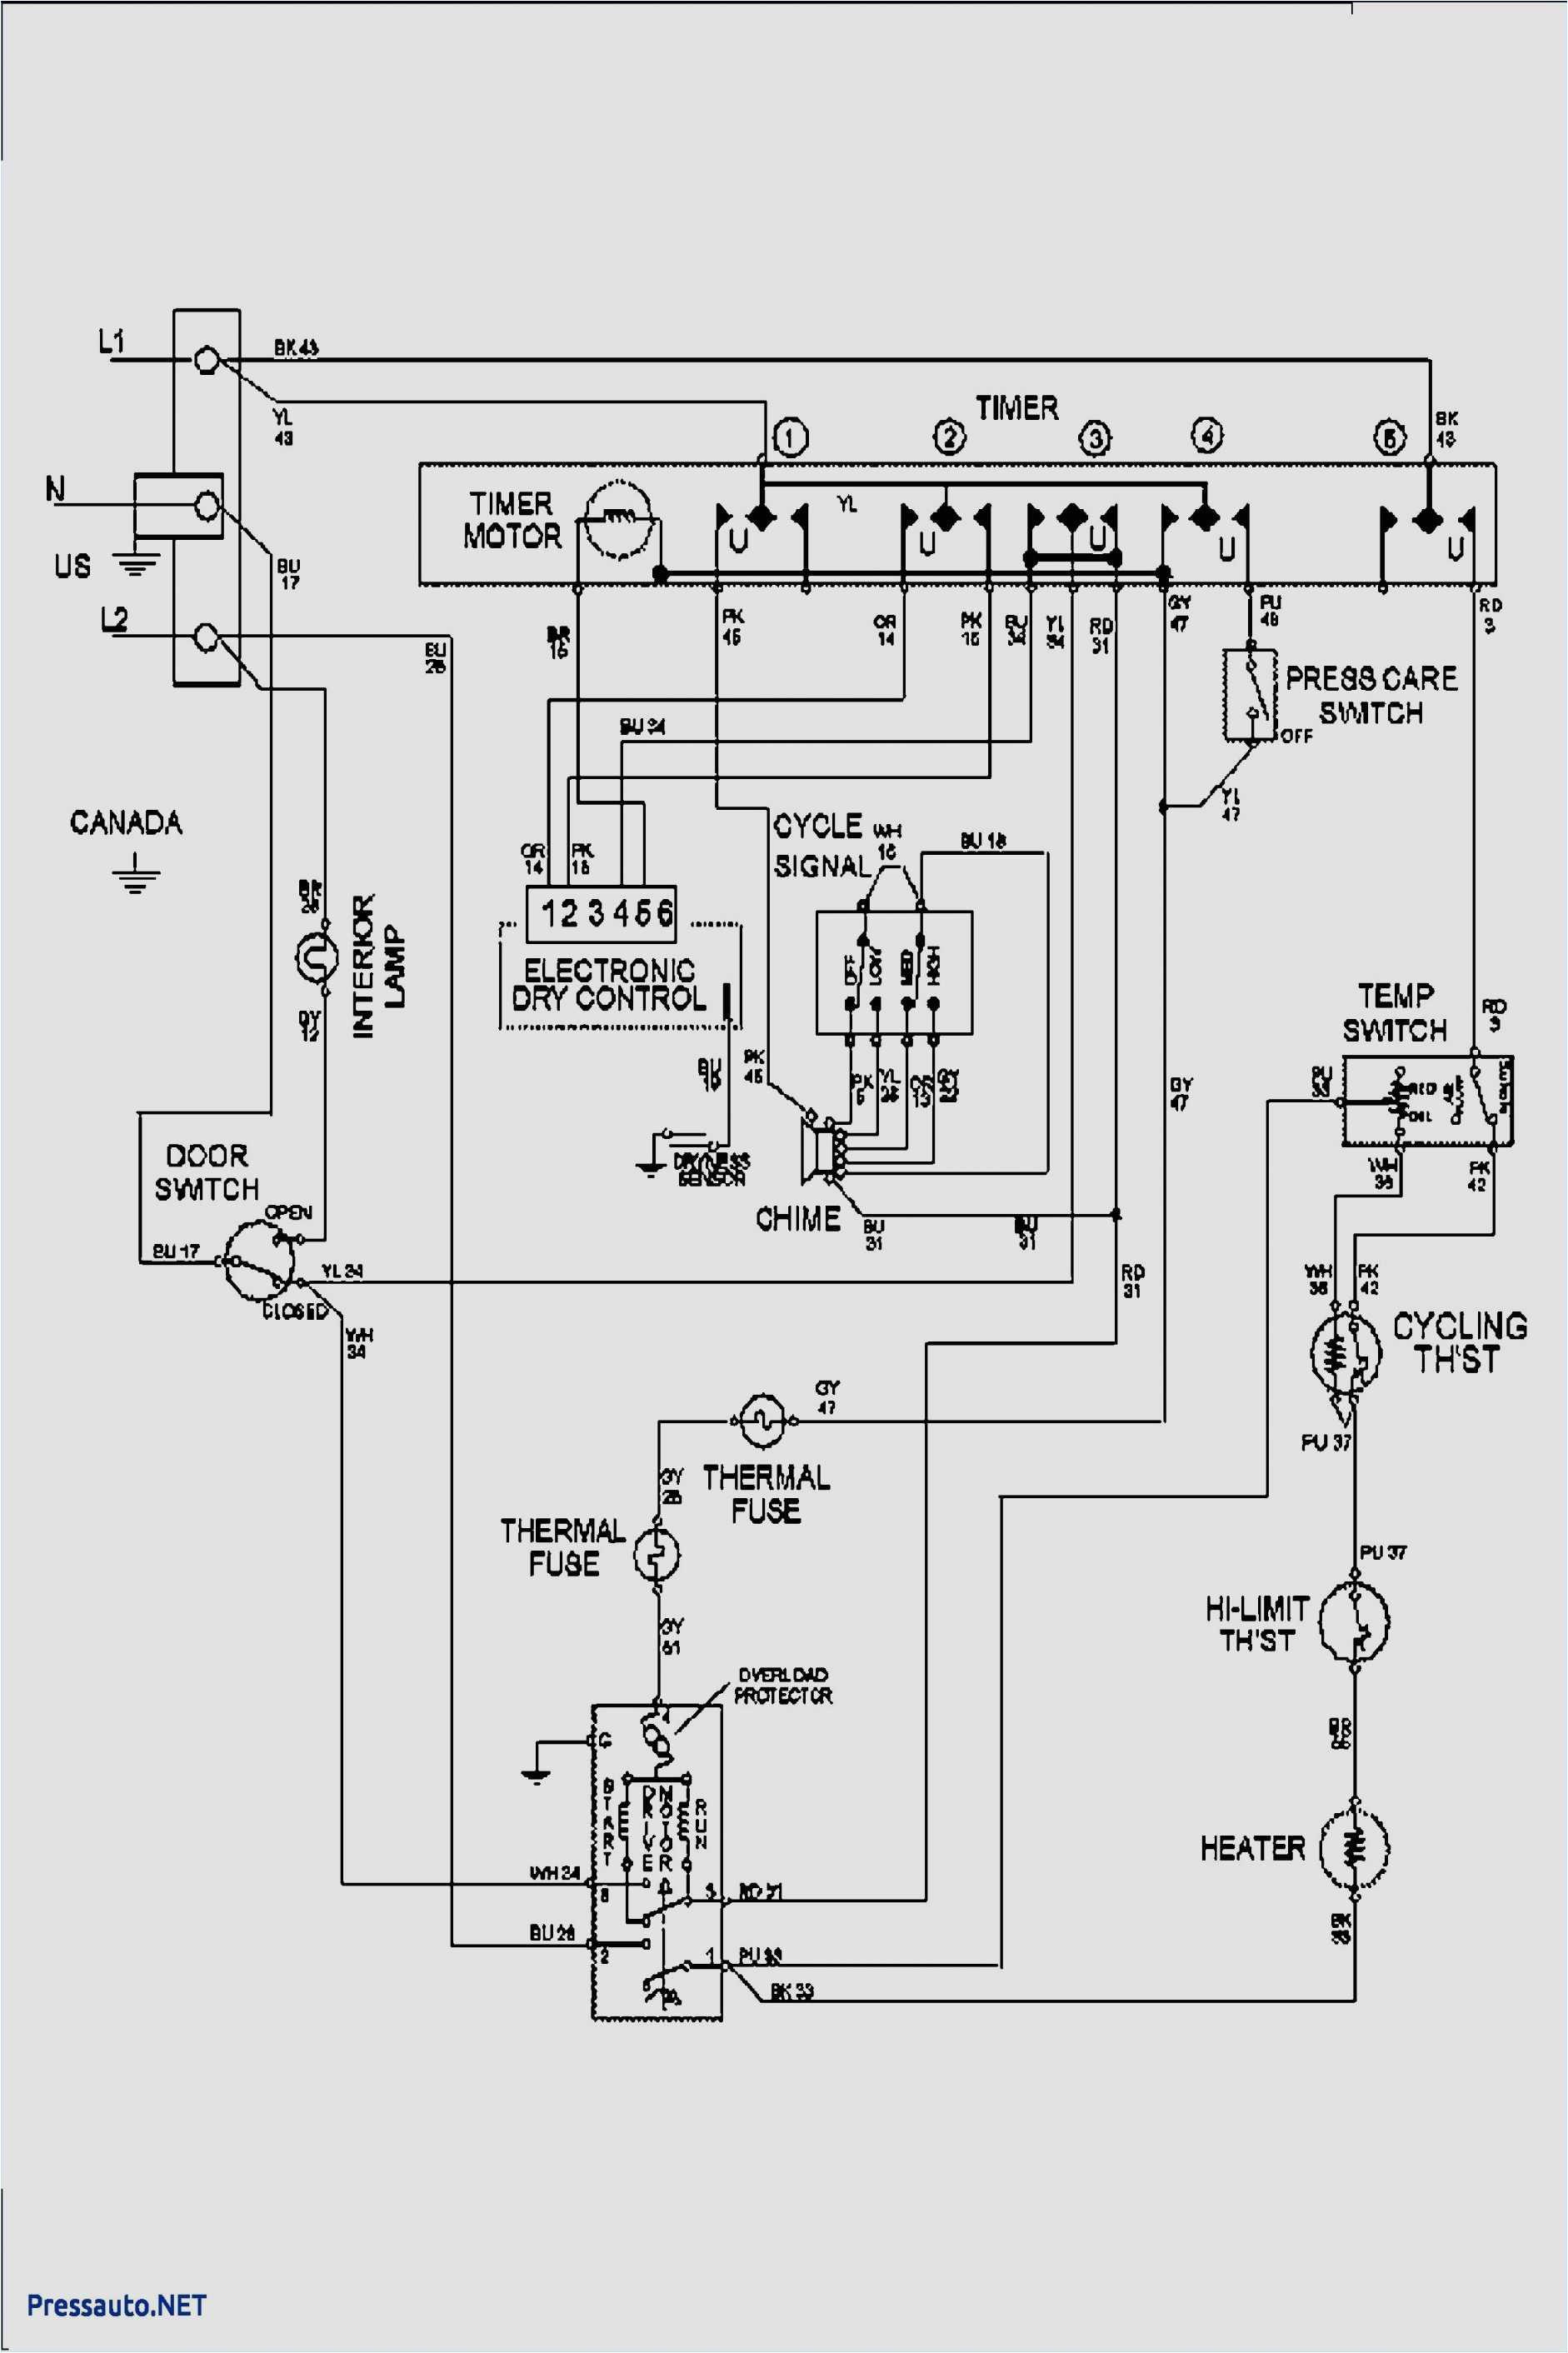 wiring diagram for amana dryer schema diagram databaseamana electric dryer wiring diagram wiring diagrams wiring diagram